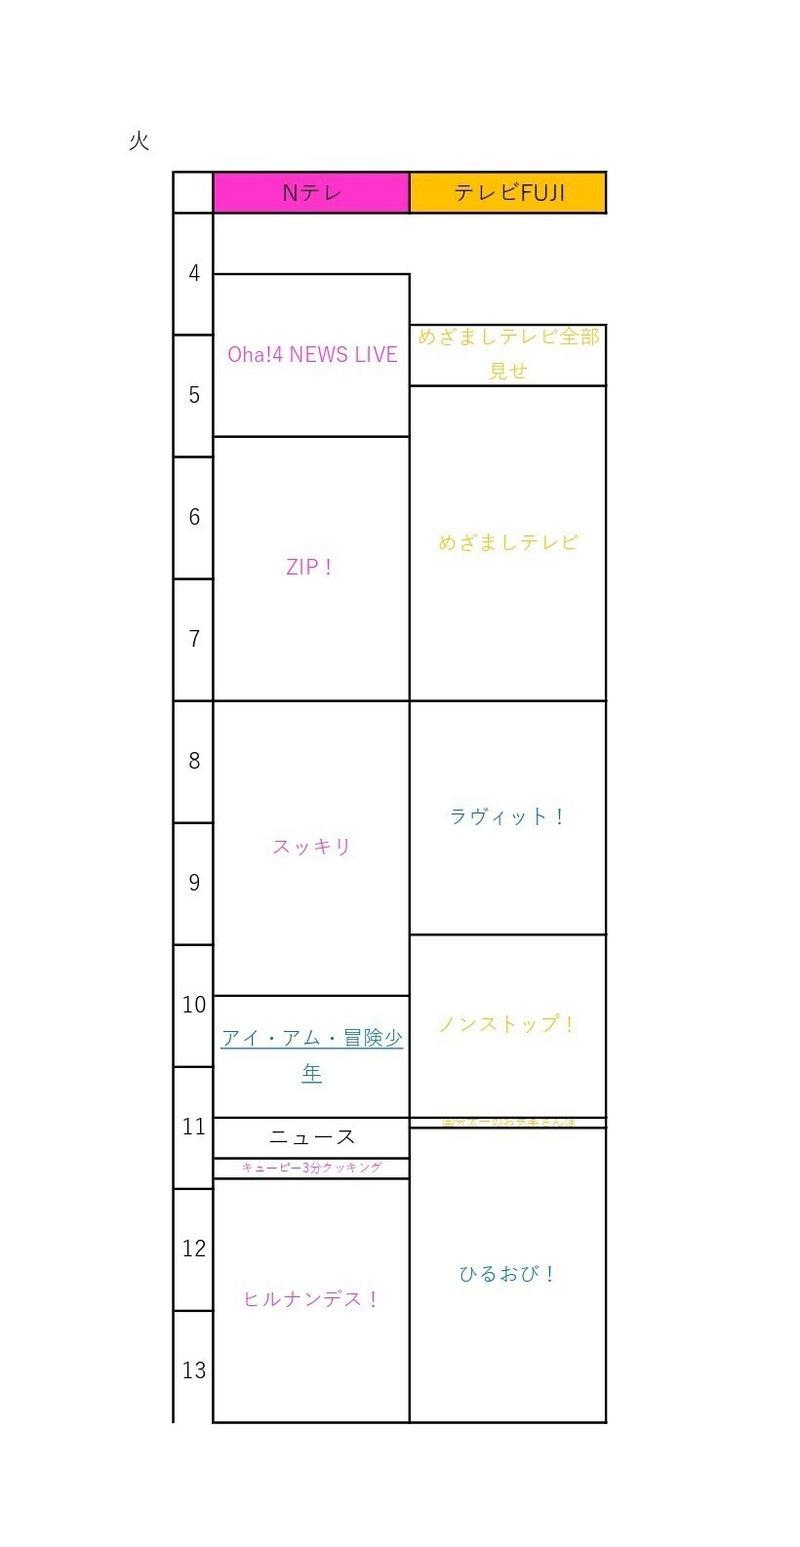 妄想2局番組表(火)_page-0001